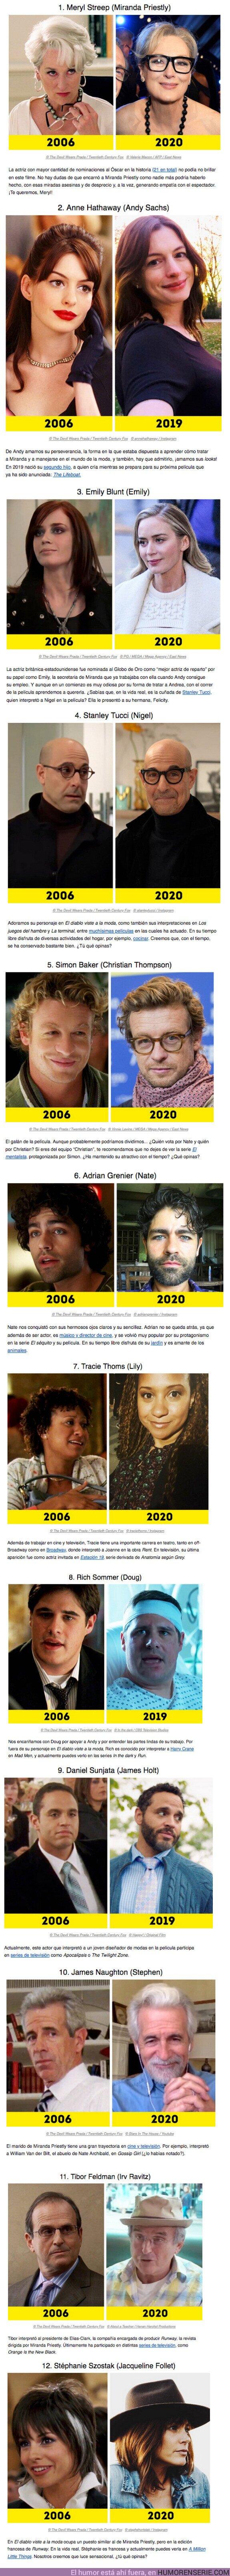 52301 - GALERÍA: Así están ahora los actores de El diablo viste de Prada, 14 años después del estreno